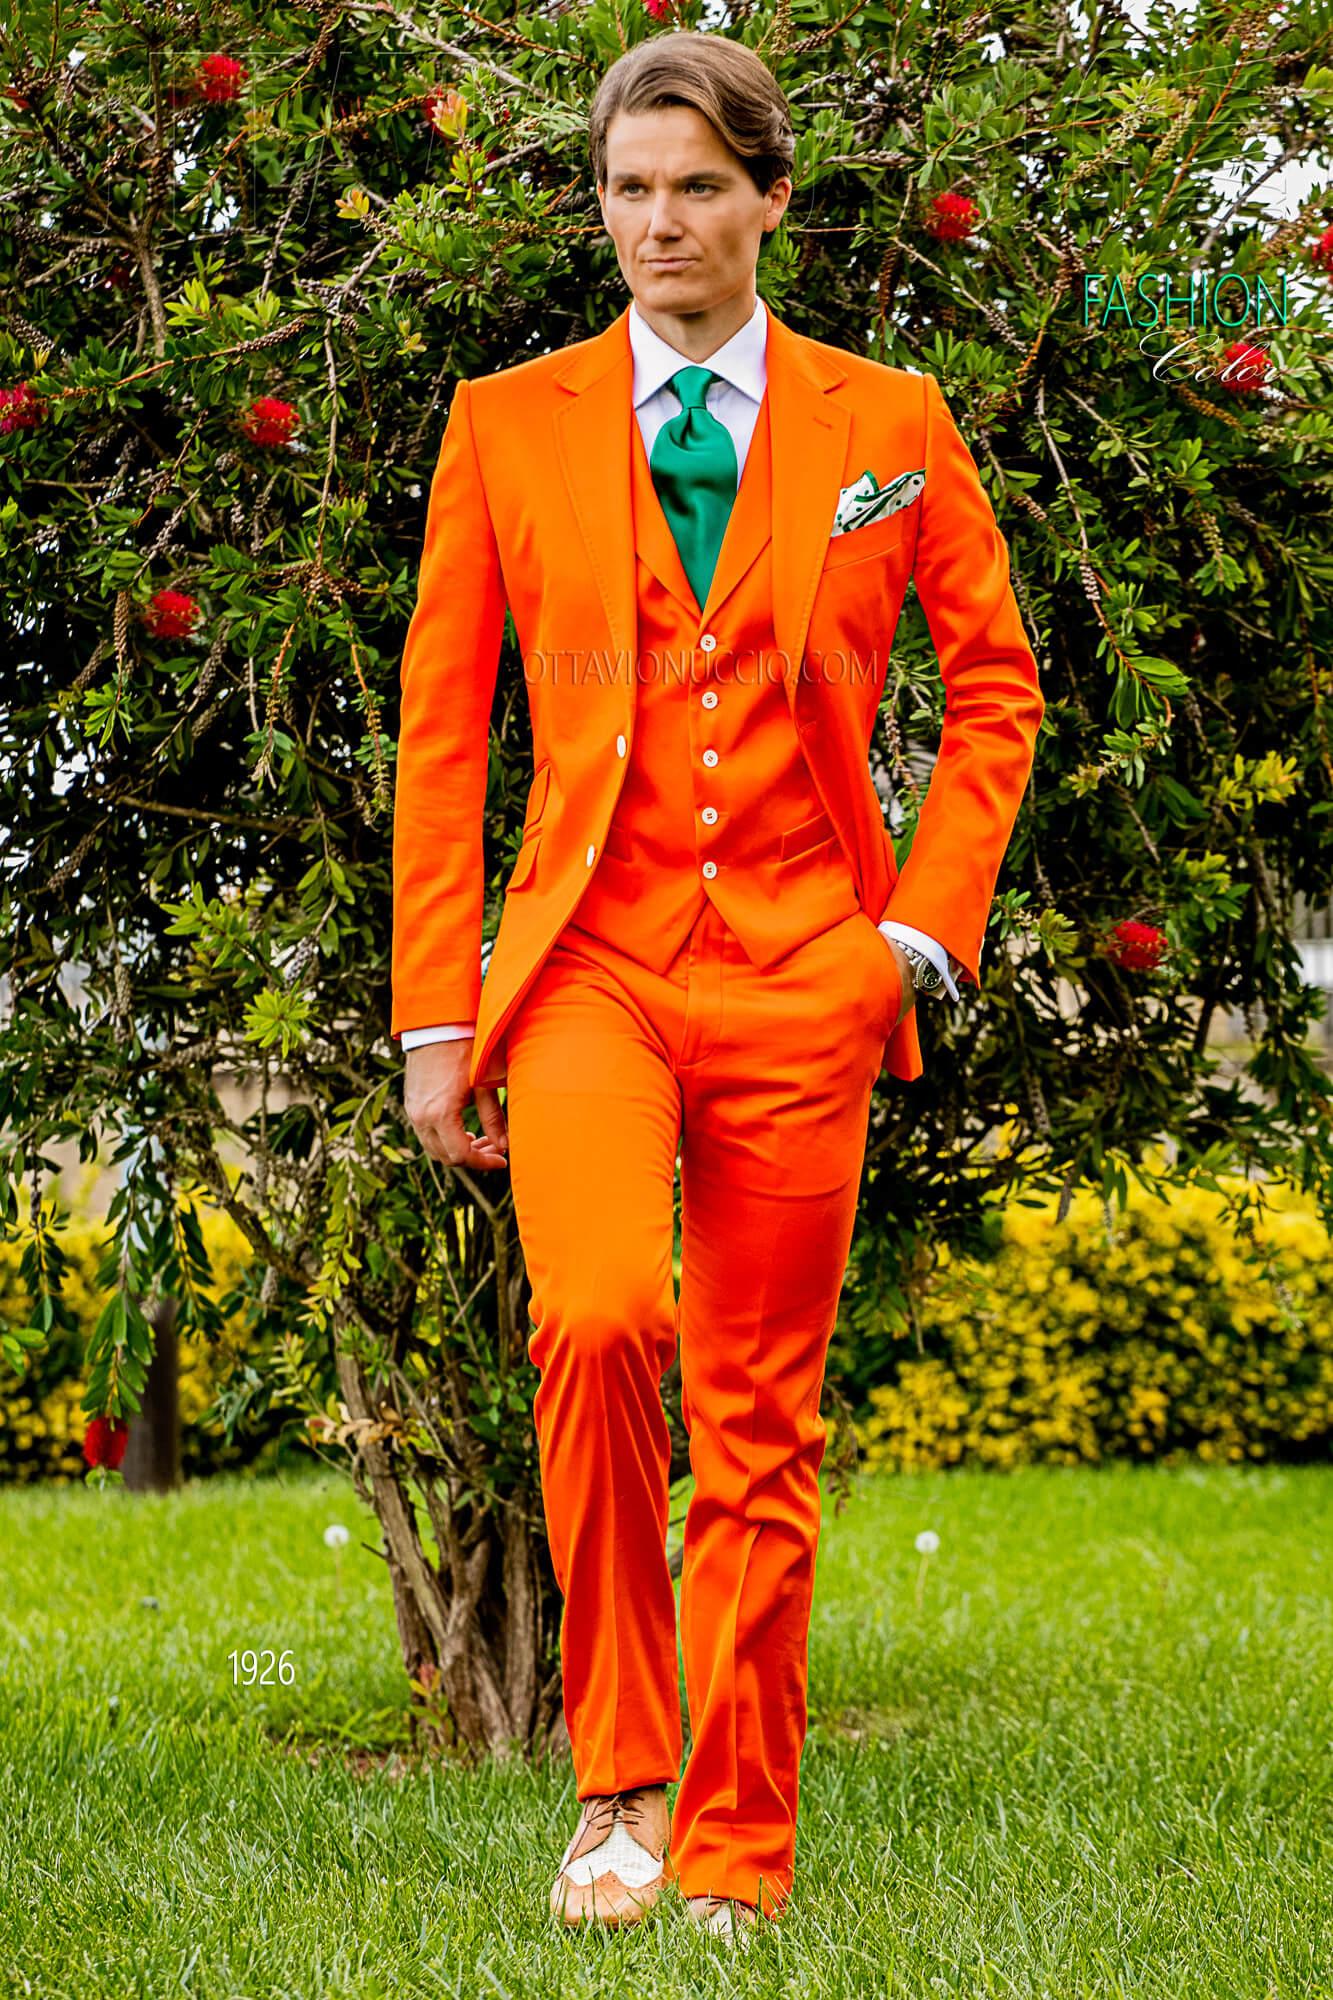 Abito Matrimonio Uomo Hipster : Vestito sposo uomo hippie arancione